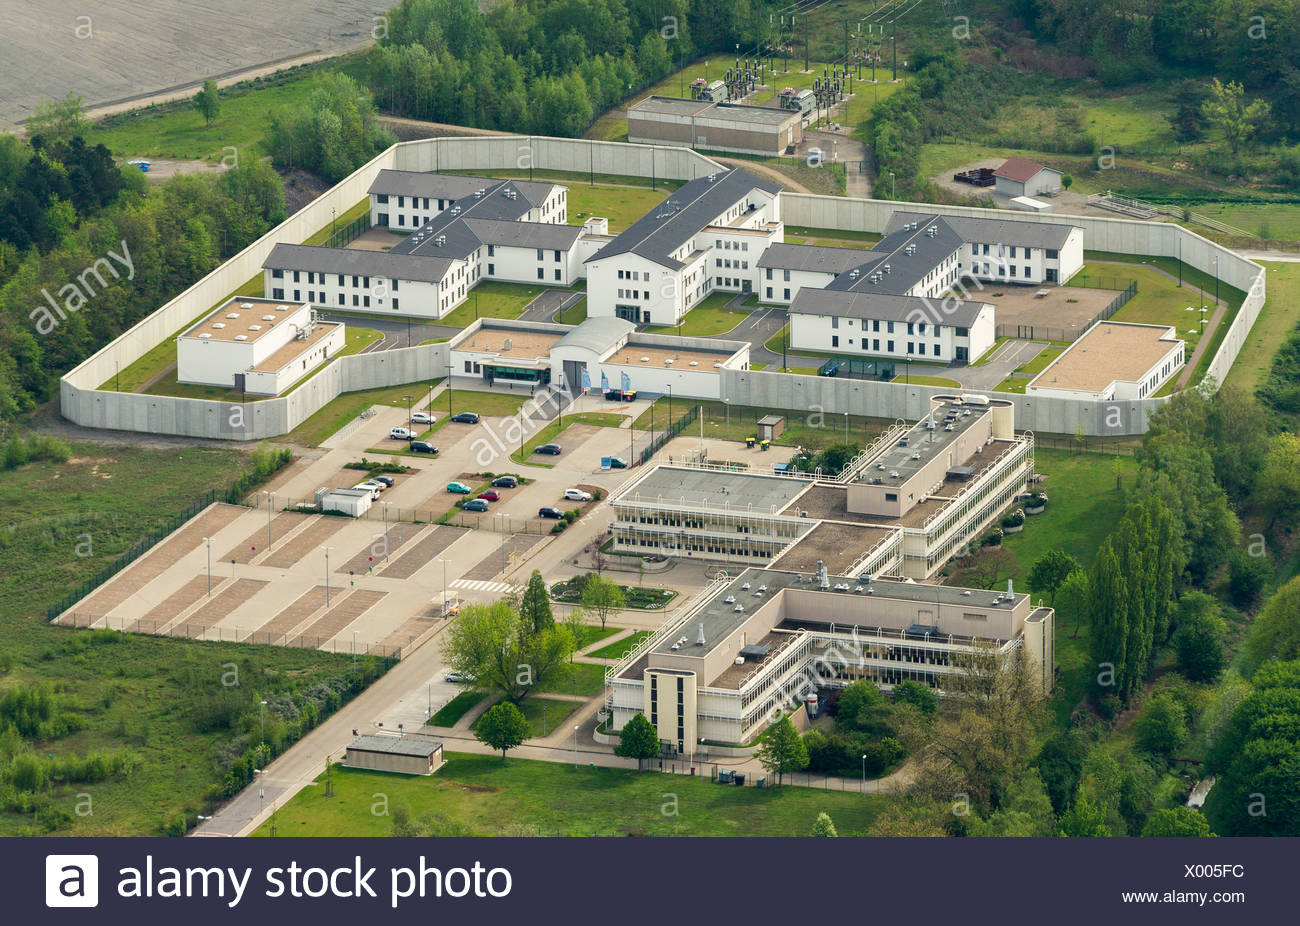 Aerial view, Wanne-Eickel Forensic Institute, Herne, Ruhr area, North Rhine-Westphalia - Stock Image